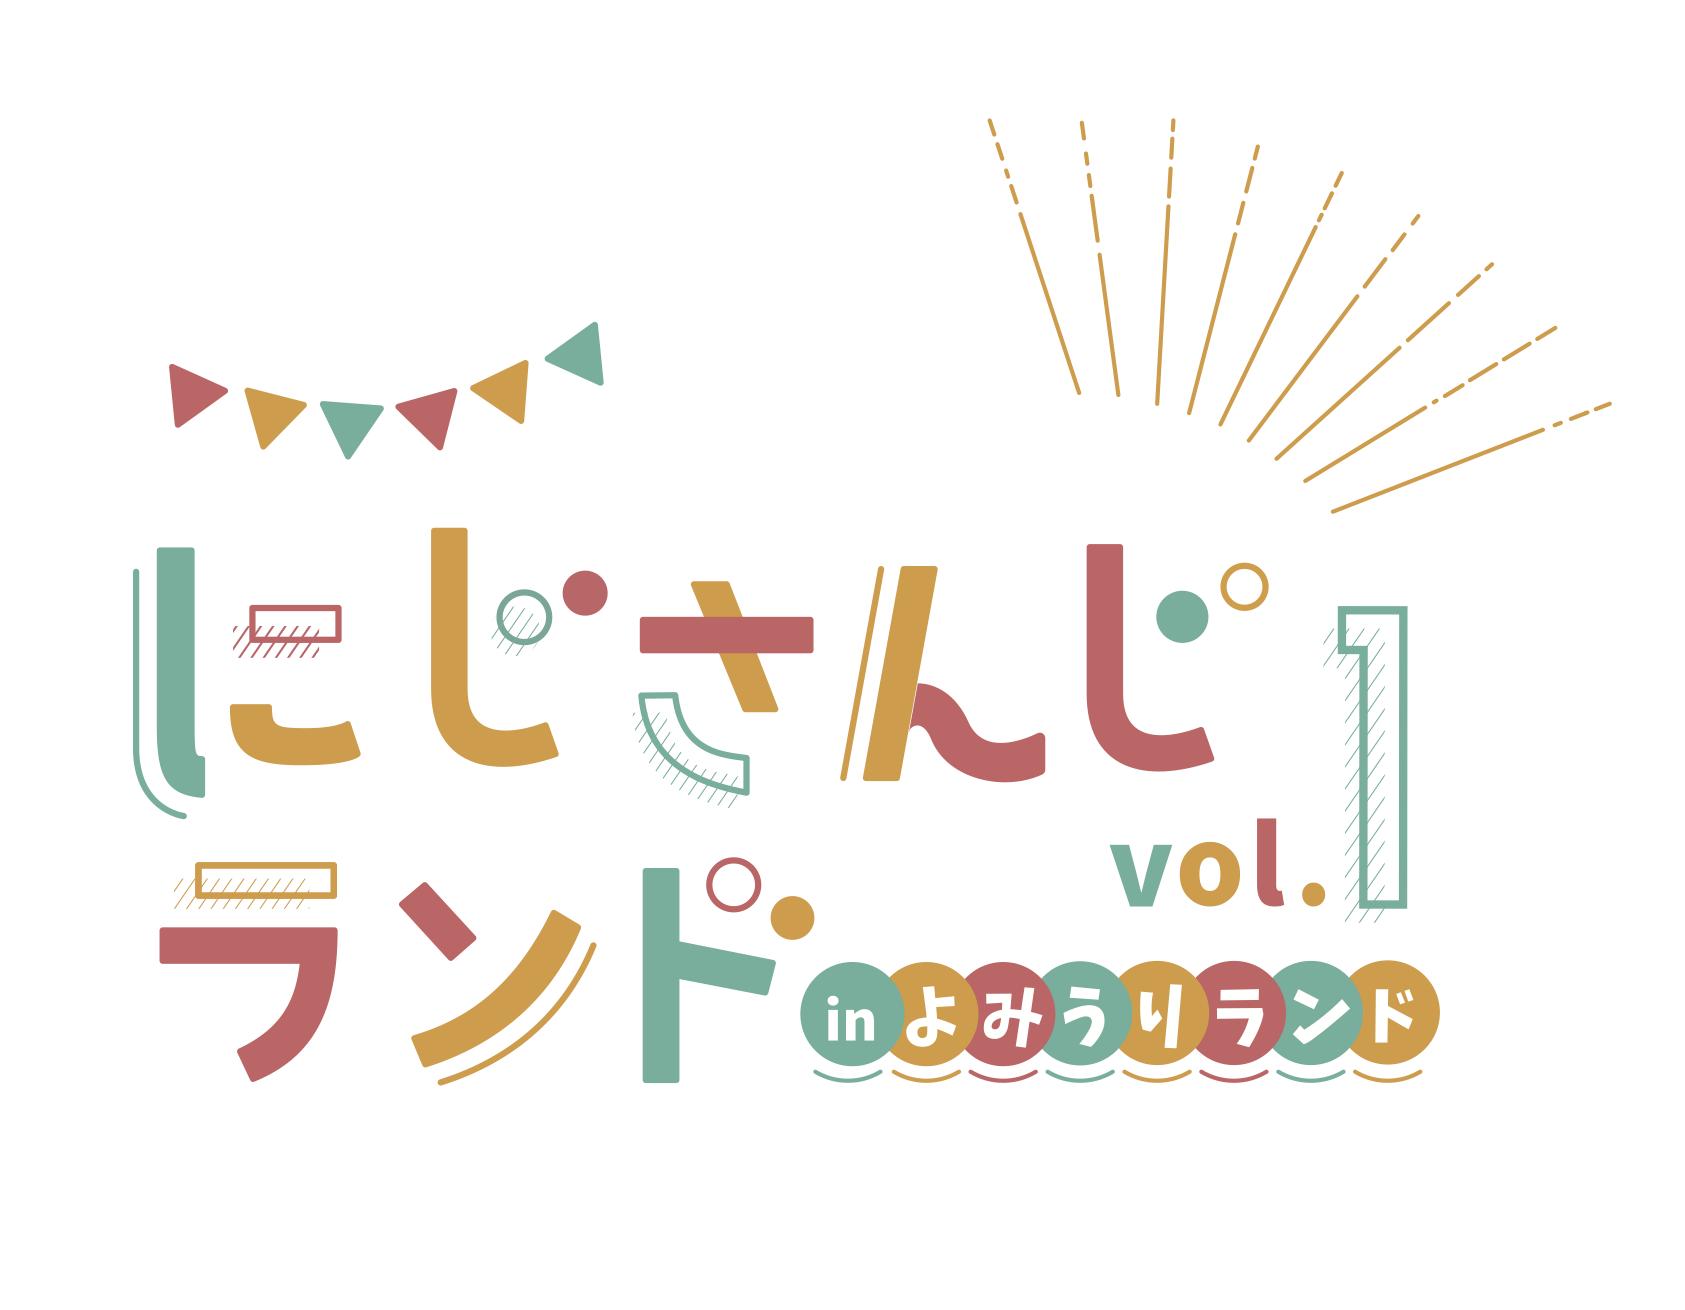 にじさんじランド vol.1「11月28日ホールイベント第2部」